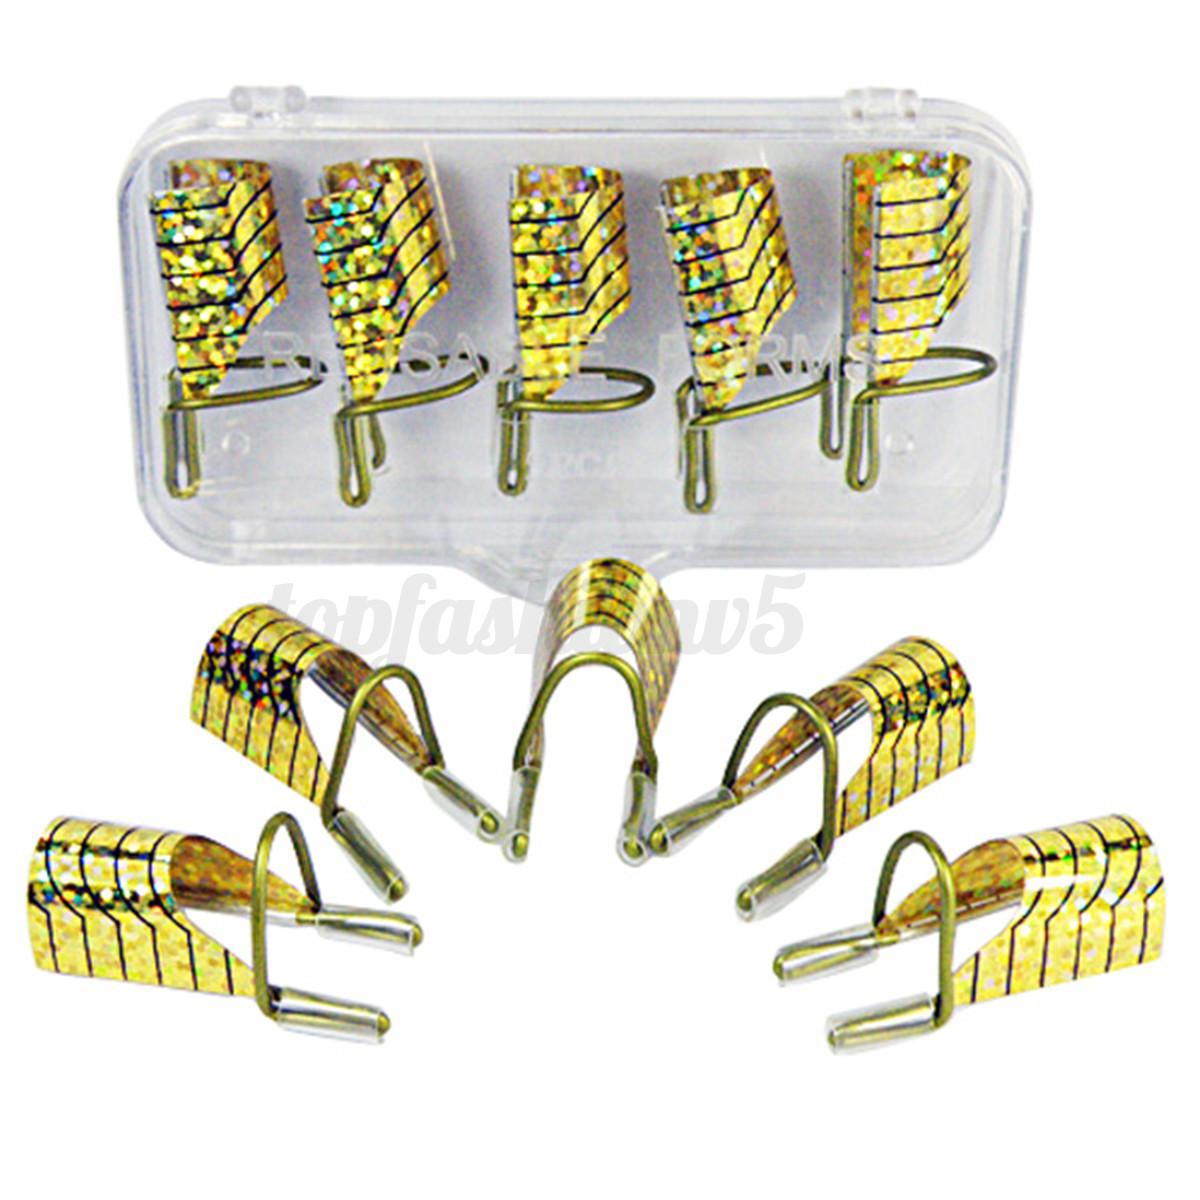 5-10Pz-Nail-Art-Rigide-Cartine-Riutilizzabili-Allungamento-Unghie-Ricostruzione miniatura 6